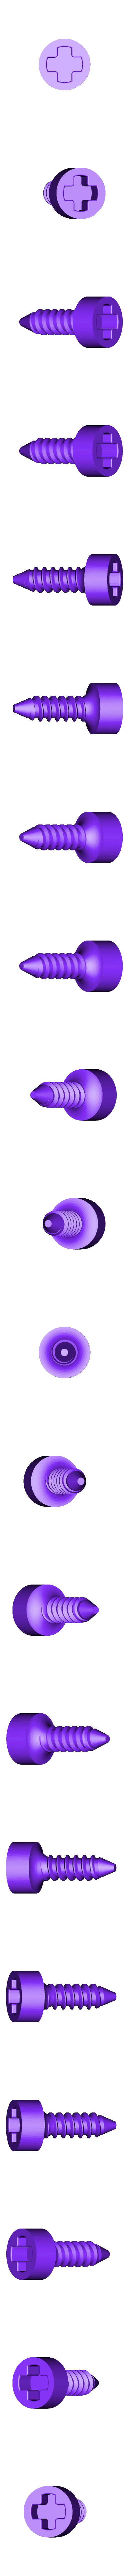 S2.stl Télécharger fichier STL Perceuse à main Impression 3D • Design pour impression 3D, MPPSWKA7